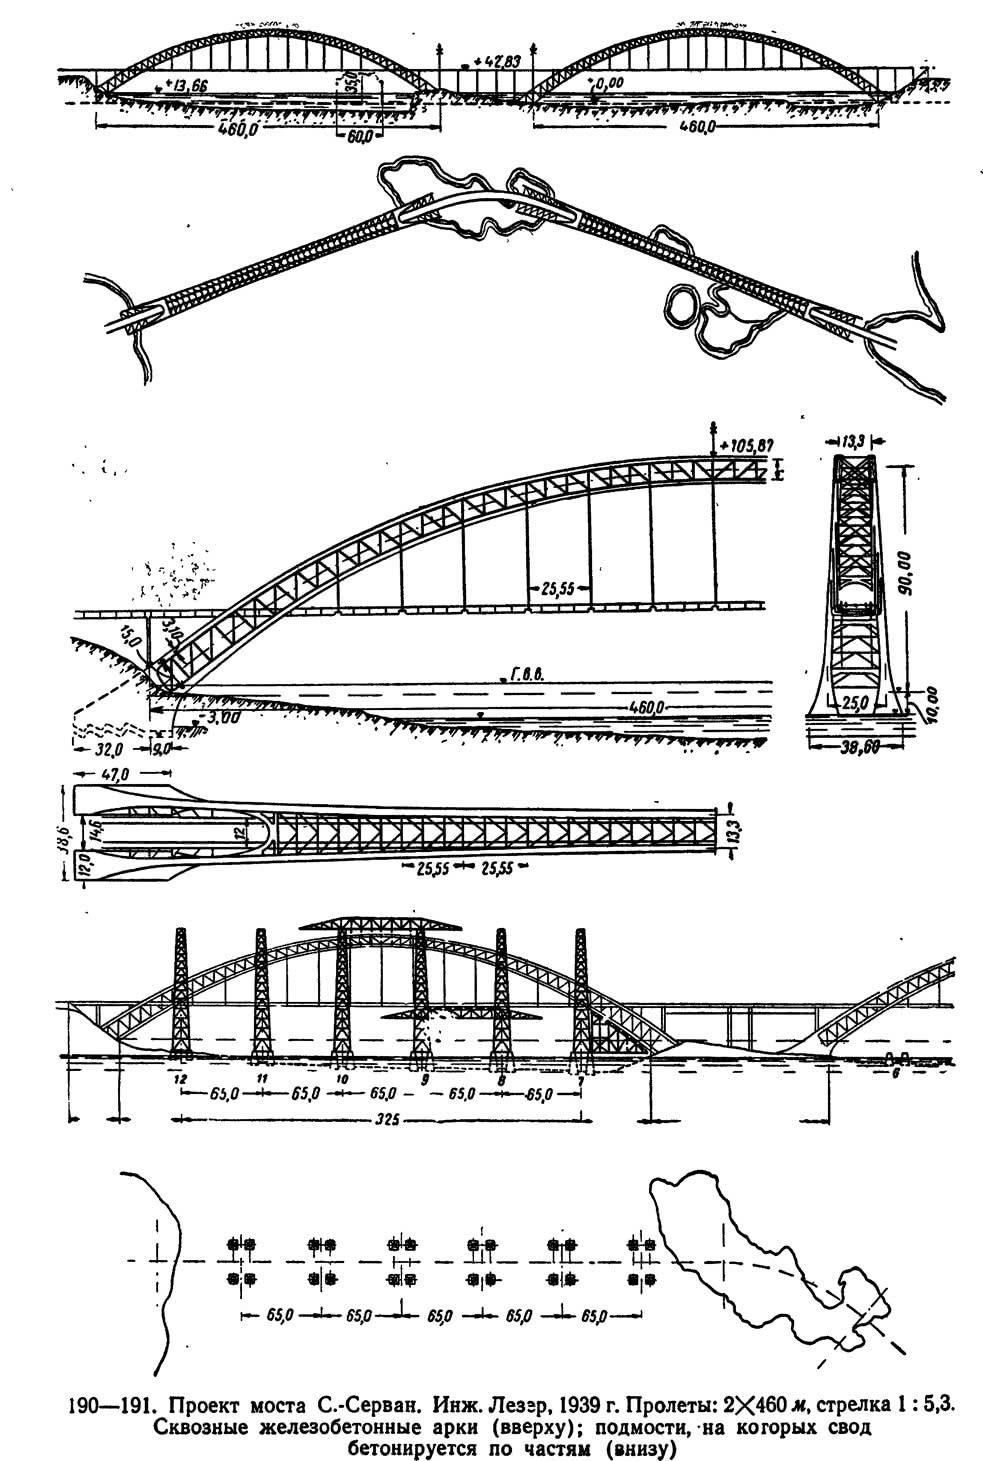 190—191. Проект моста С.-Серван. Инж. Леззр